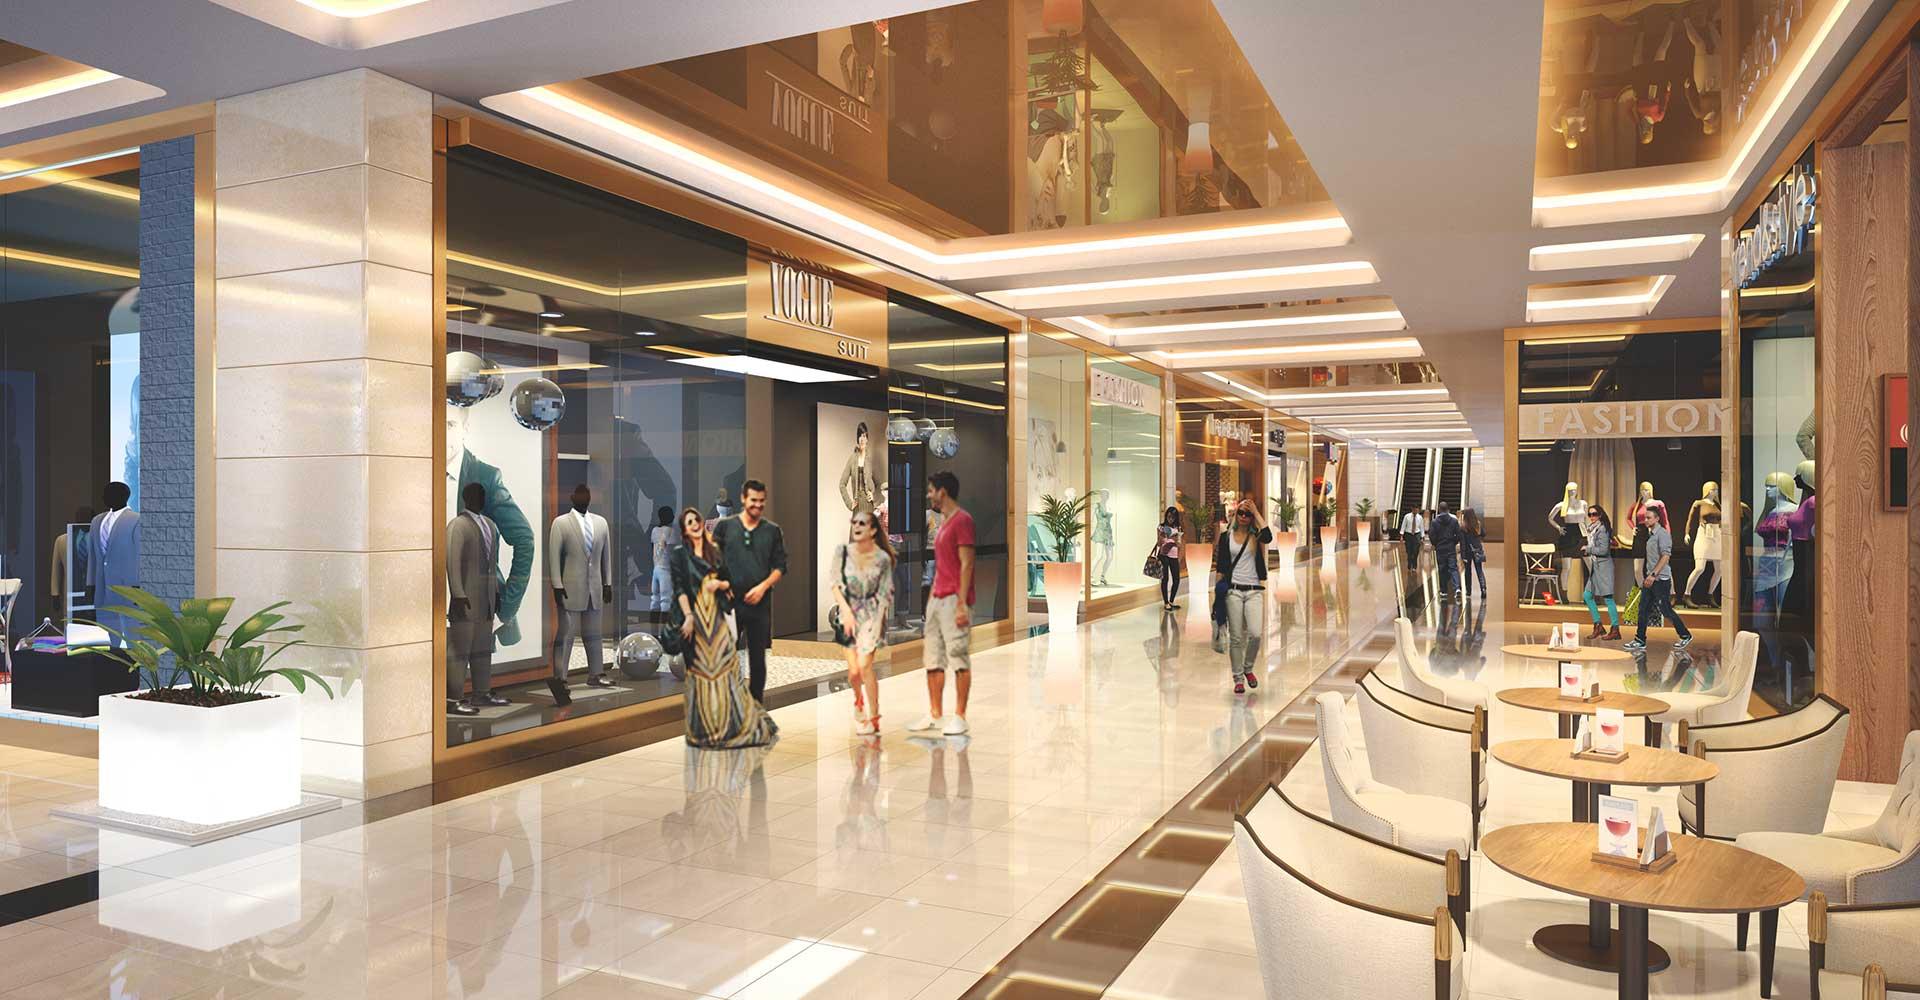 4 tầng trung tâm thương mại tại dự án Lavita Charm quận Thủ Đức Hưng Thịnh